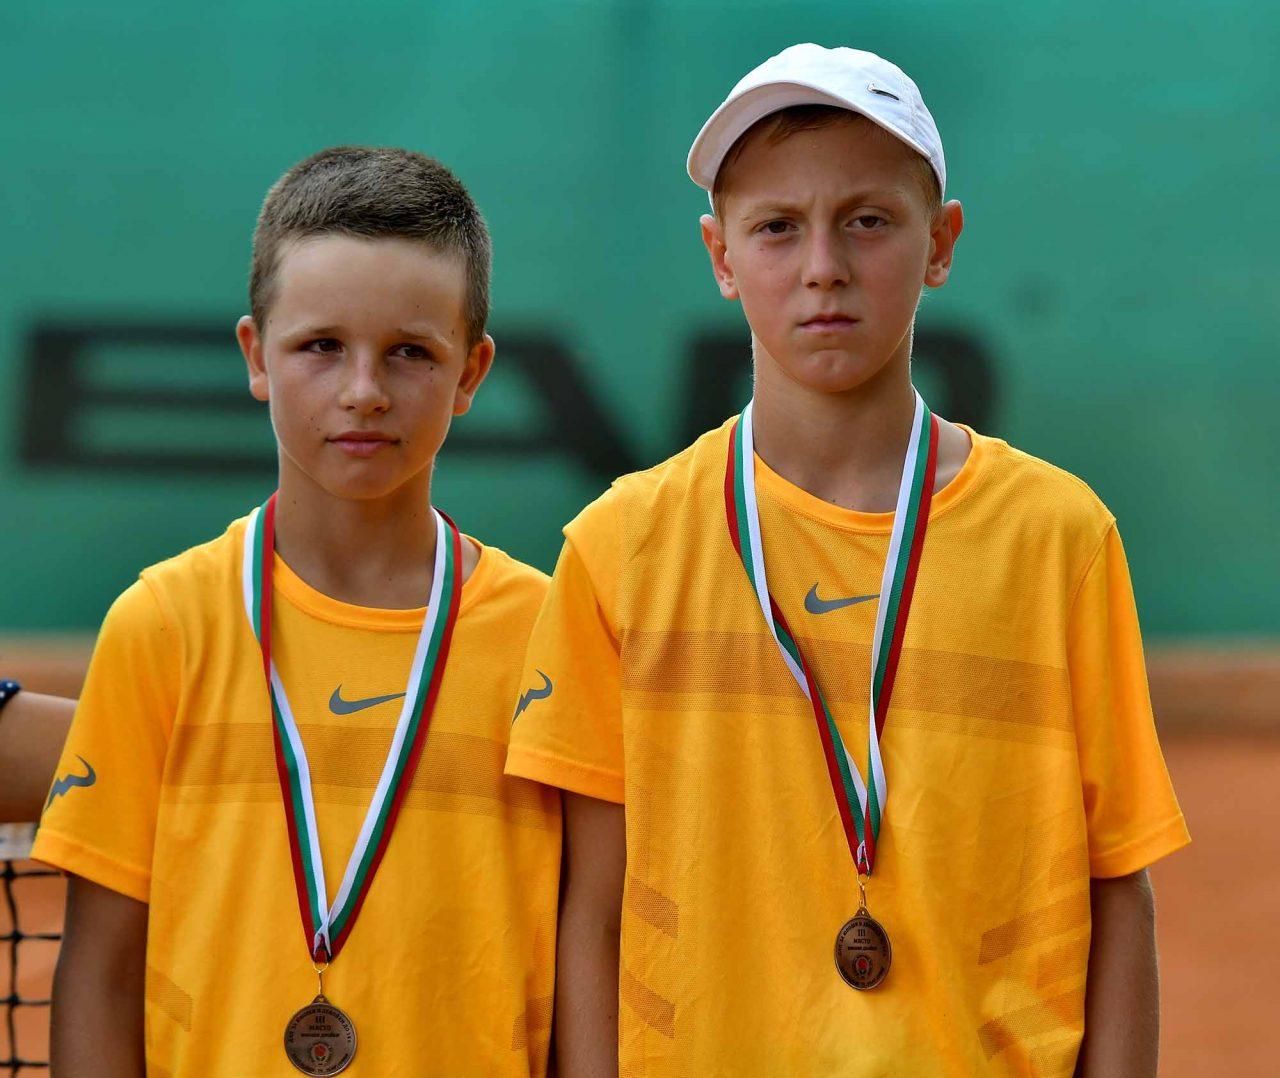 Държавно първенство тенис до 14 год. ТК 15-40 двойки полуфинал (3)